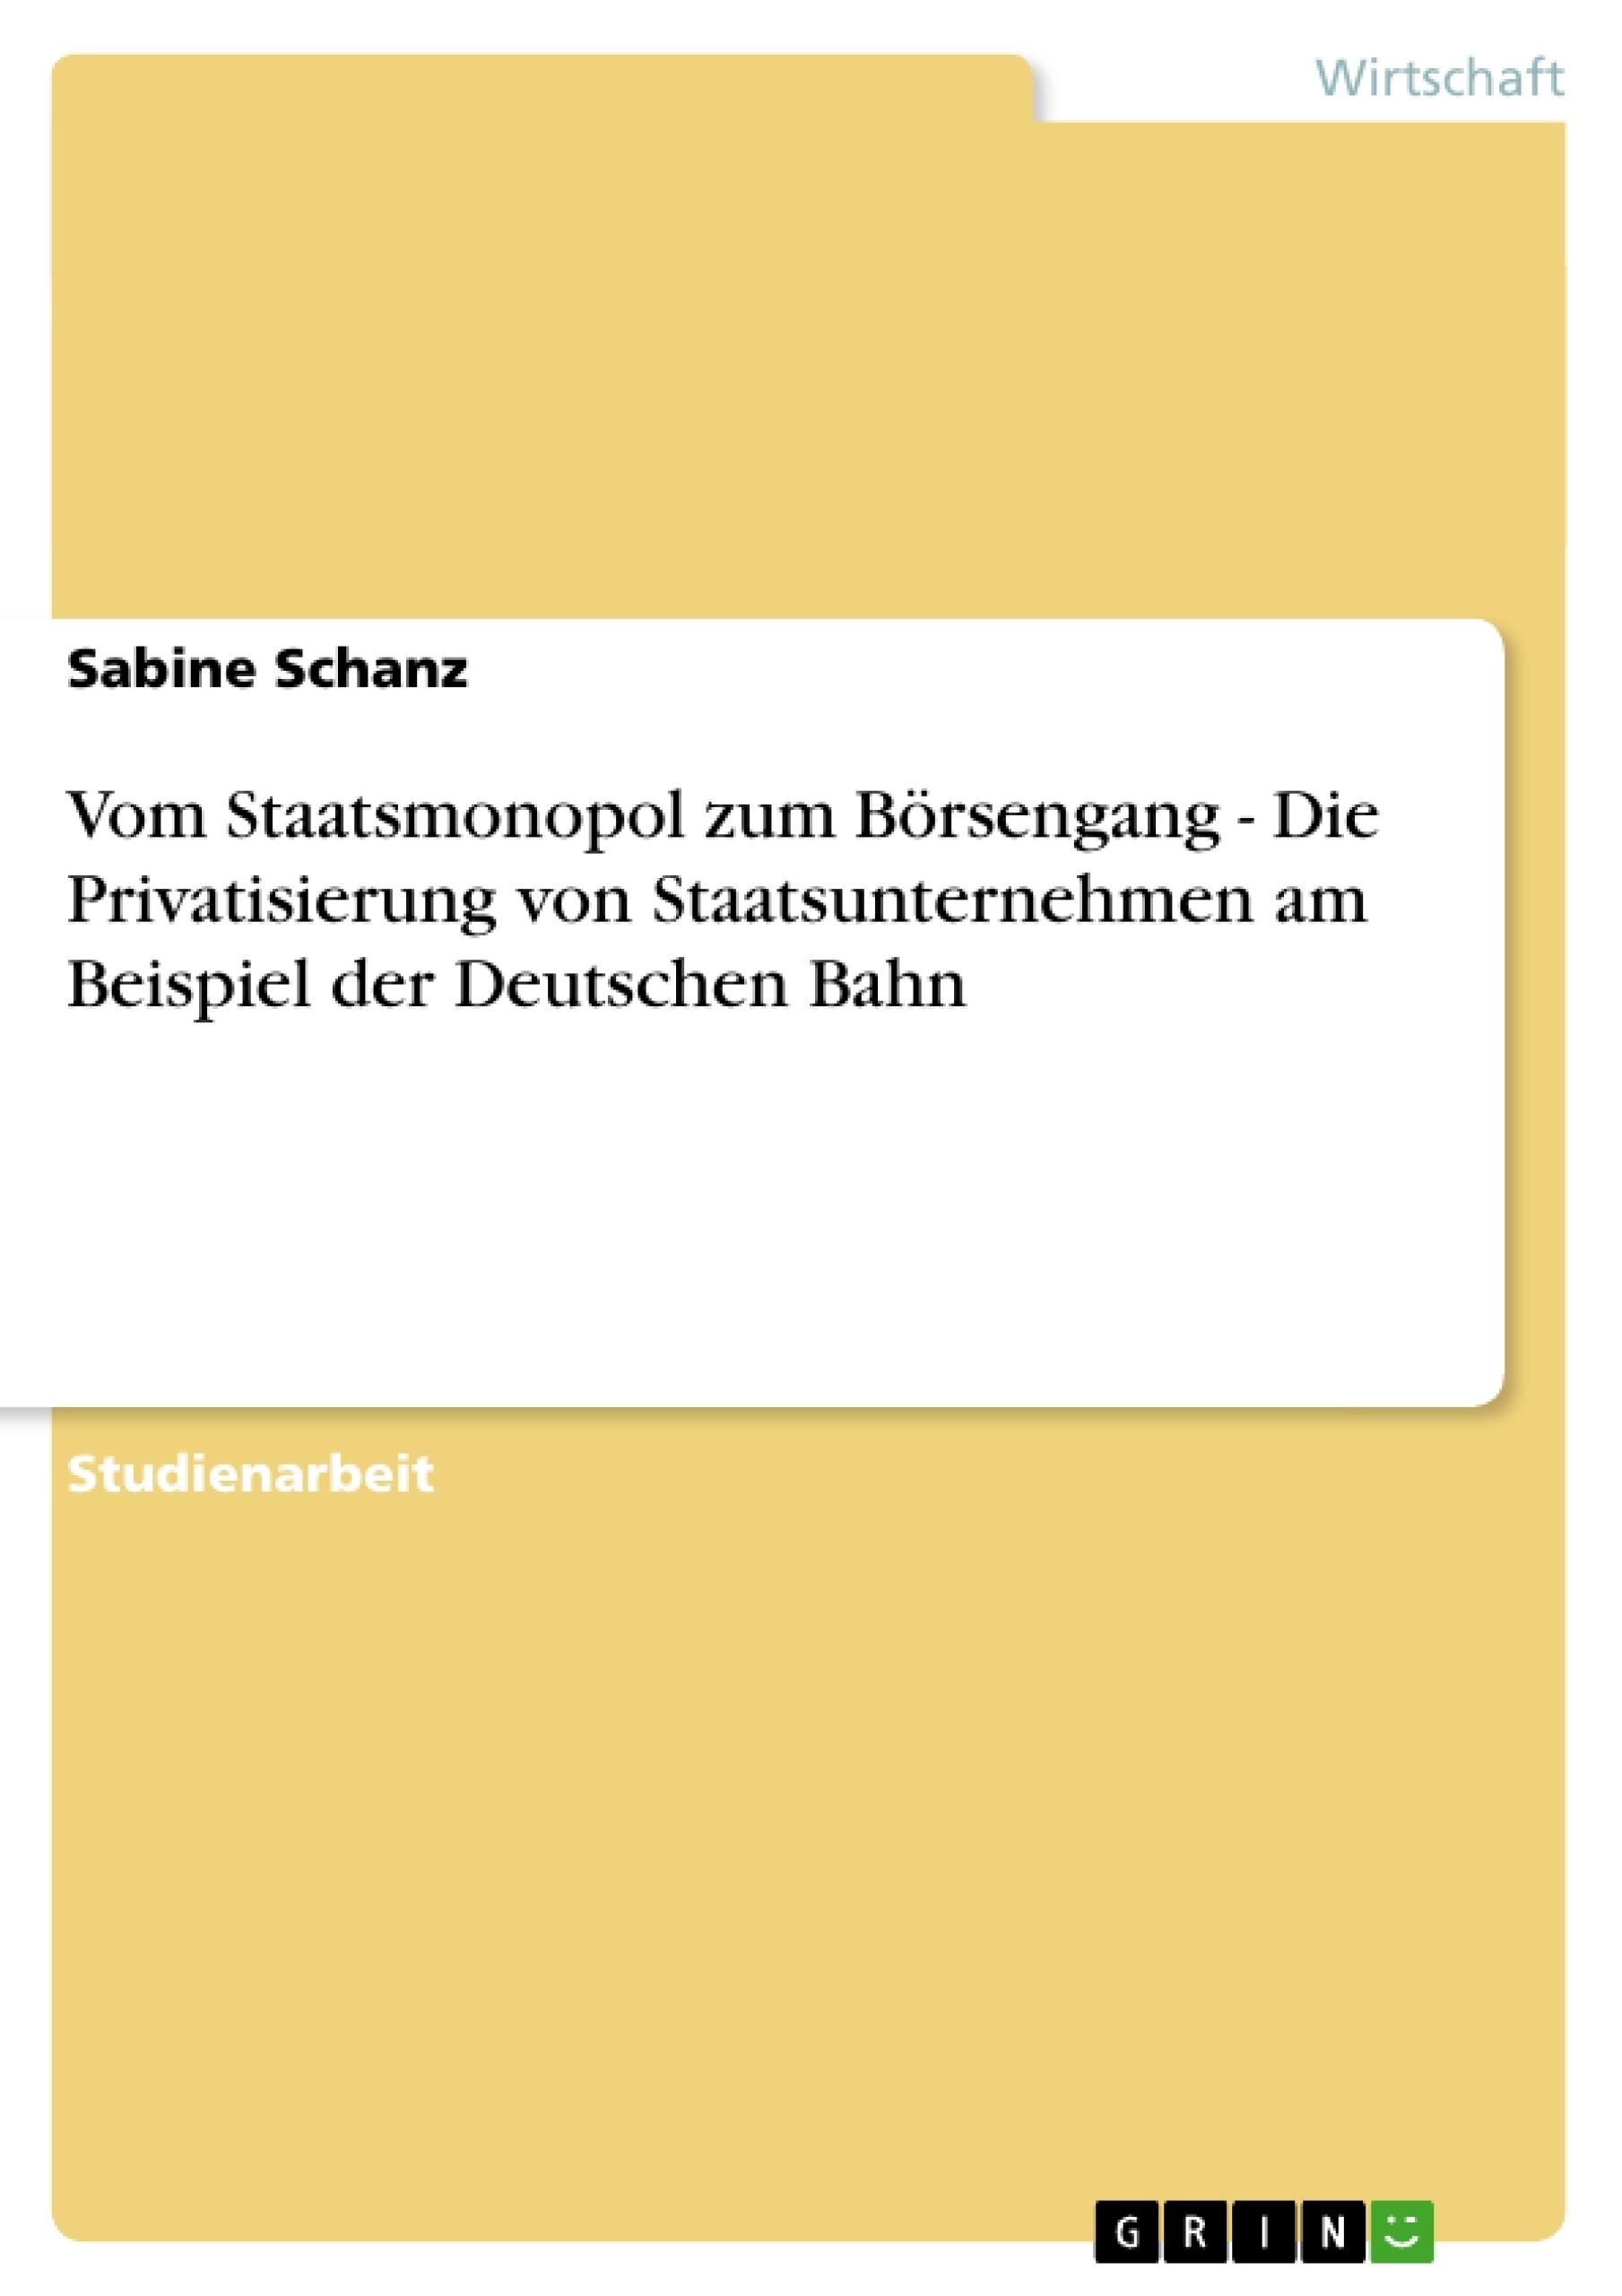 Titel: Vom Staatsmonopol zum Börsengang - Die Privatisierung von Staatsunternehmen am Beispiel der Deutschen Bahn